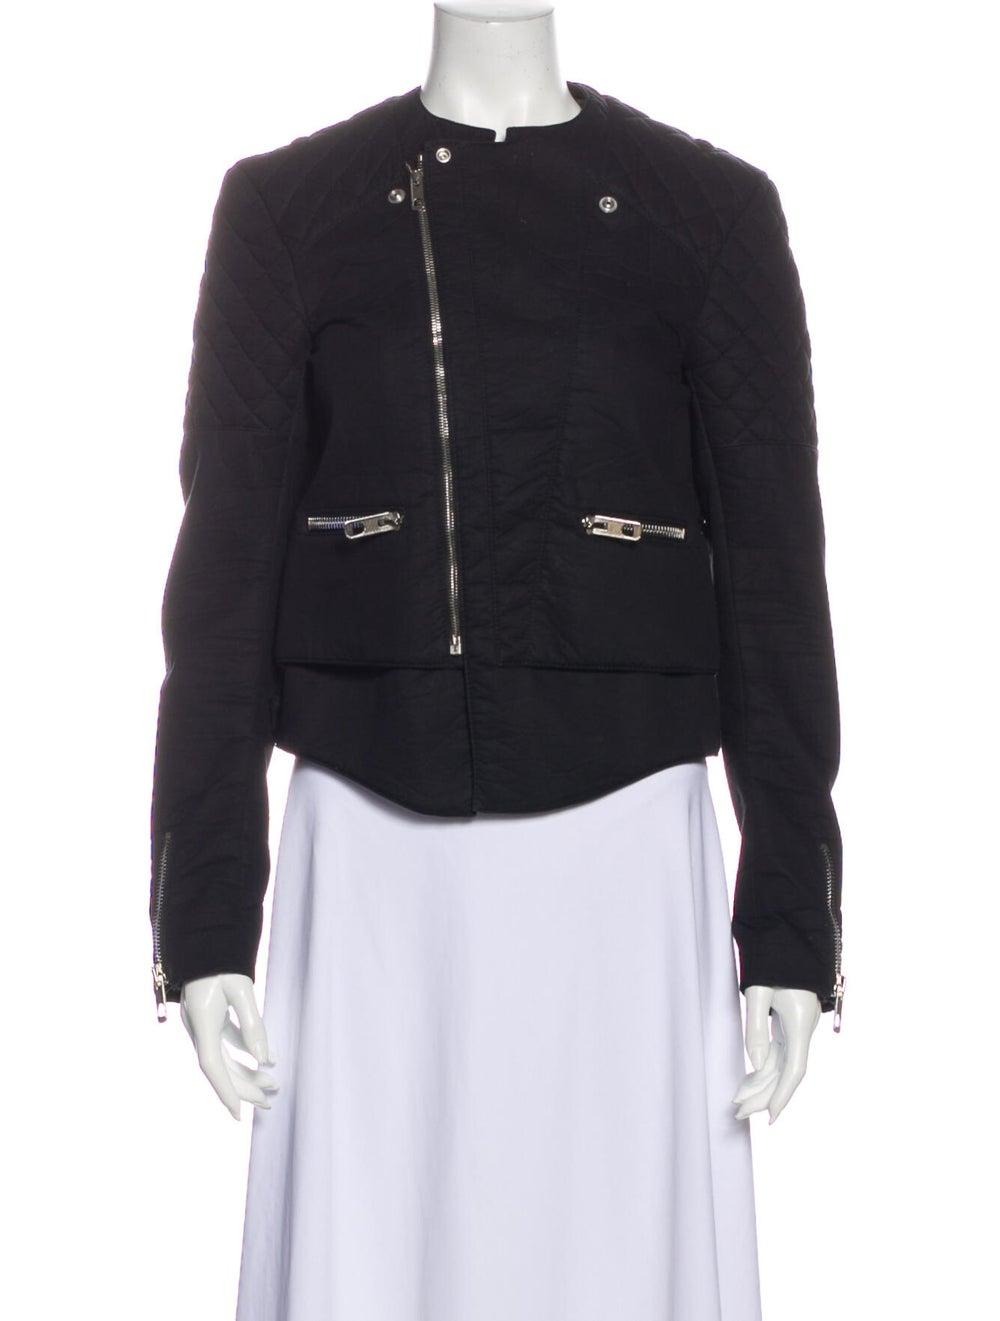 Balenciaga 2012 Blazer Black - image 4